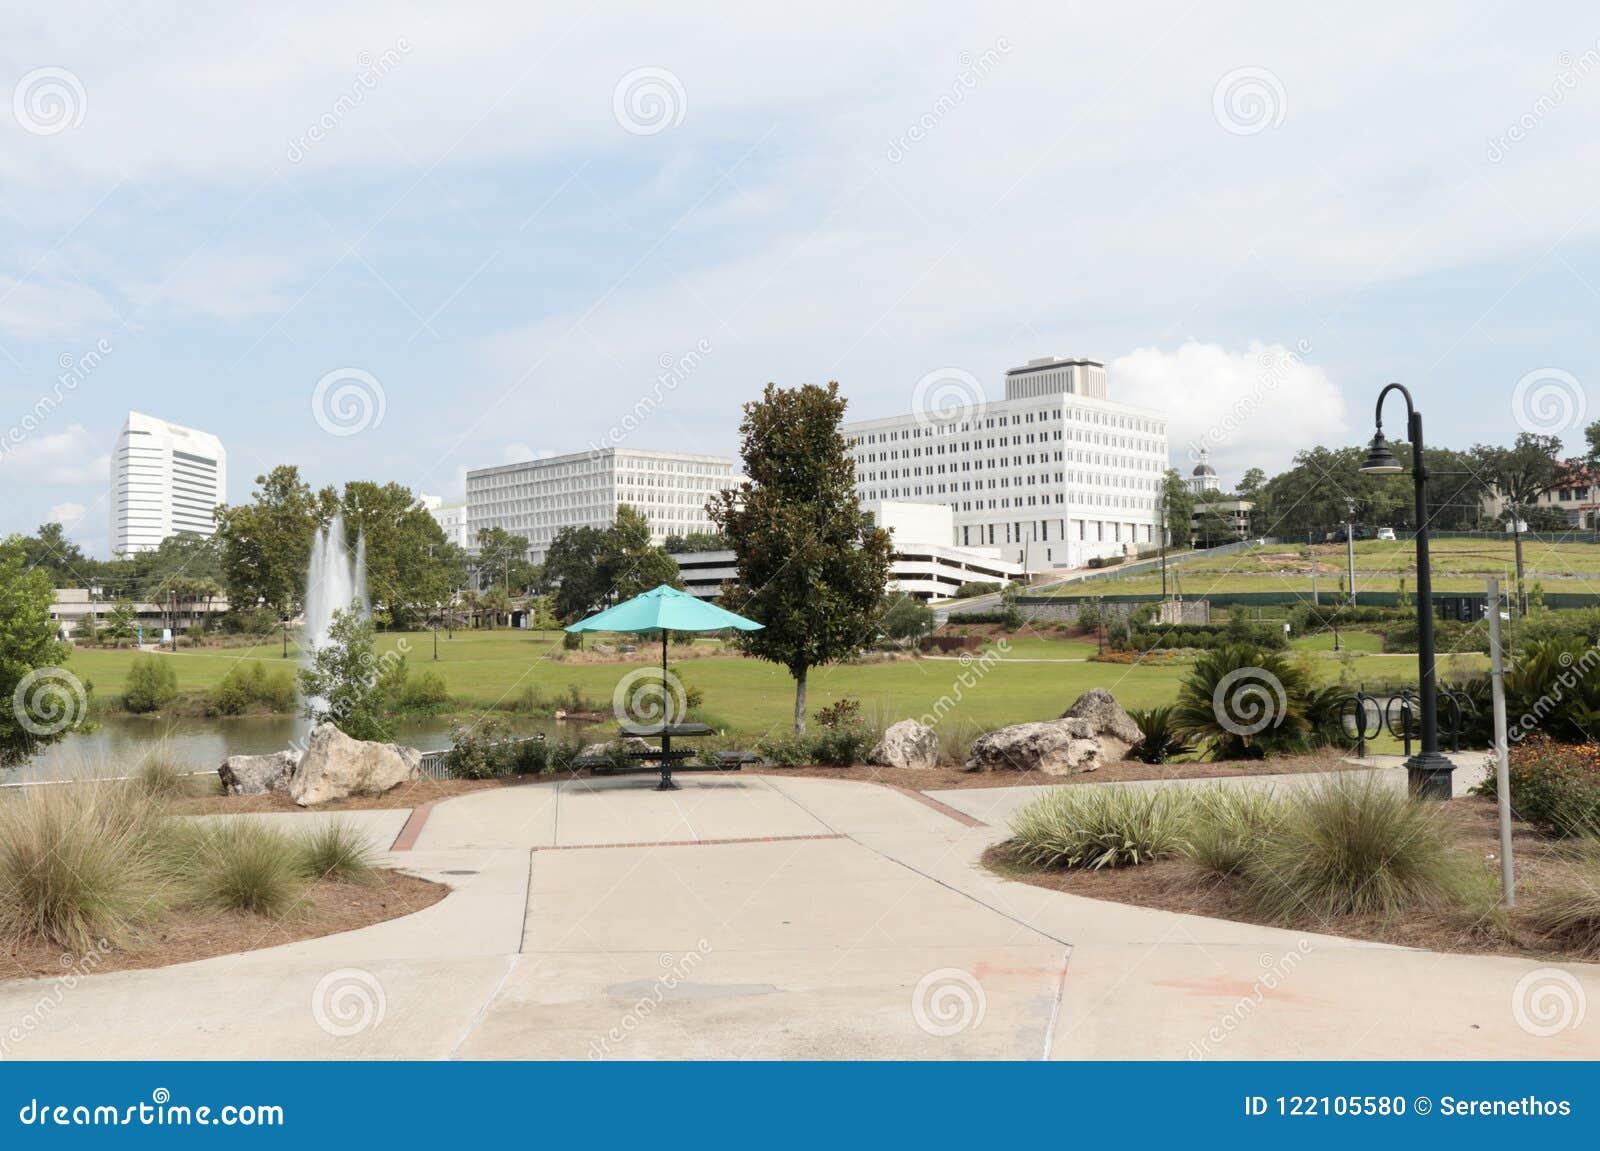 Sunny Day View von im Stadtzentrum gelegenem Tallahassee vom Kaskaden-Park